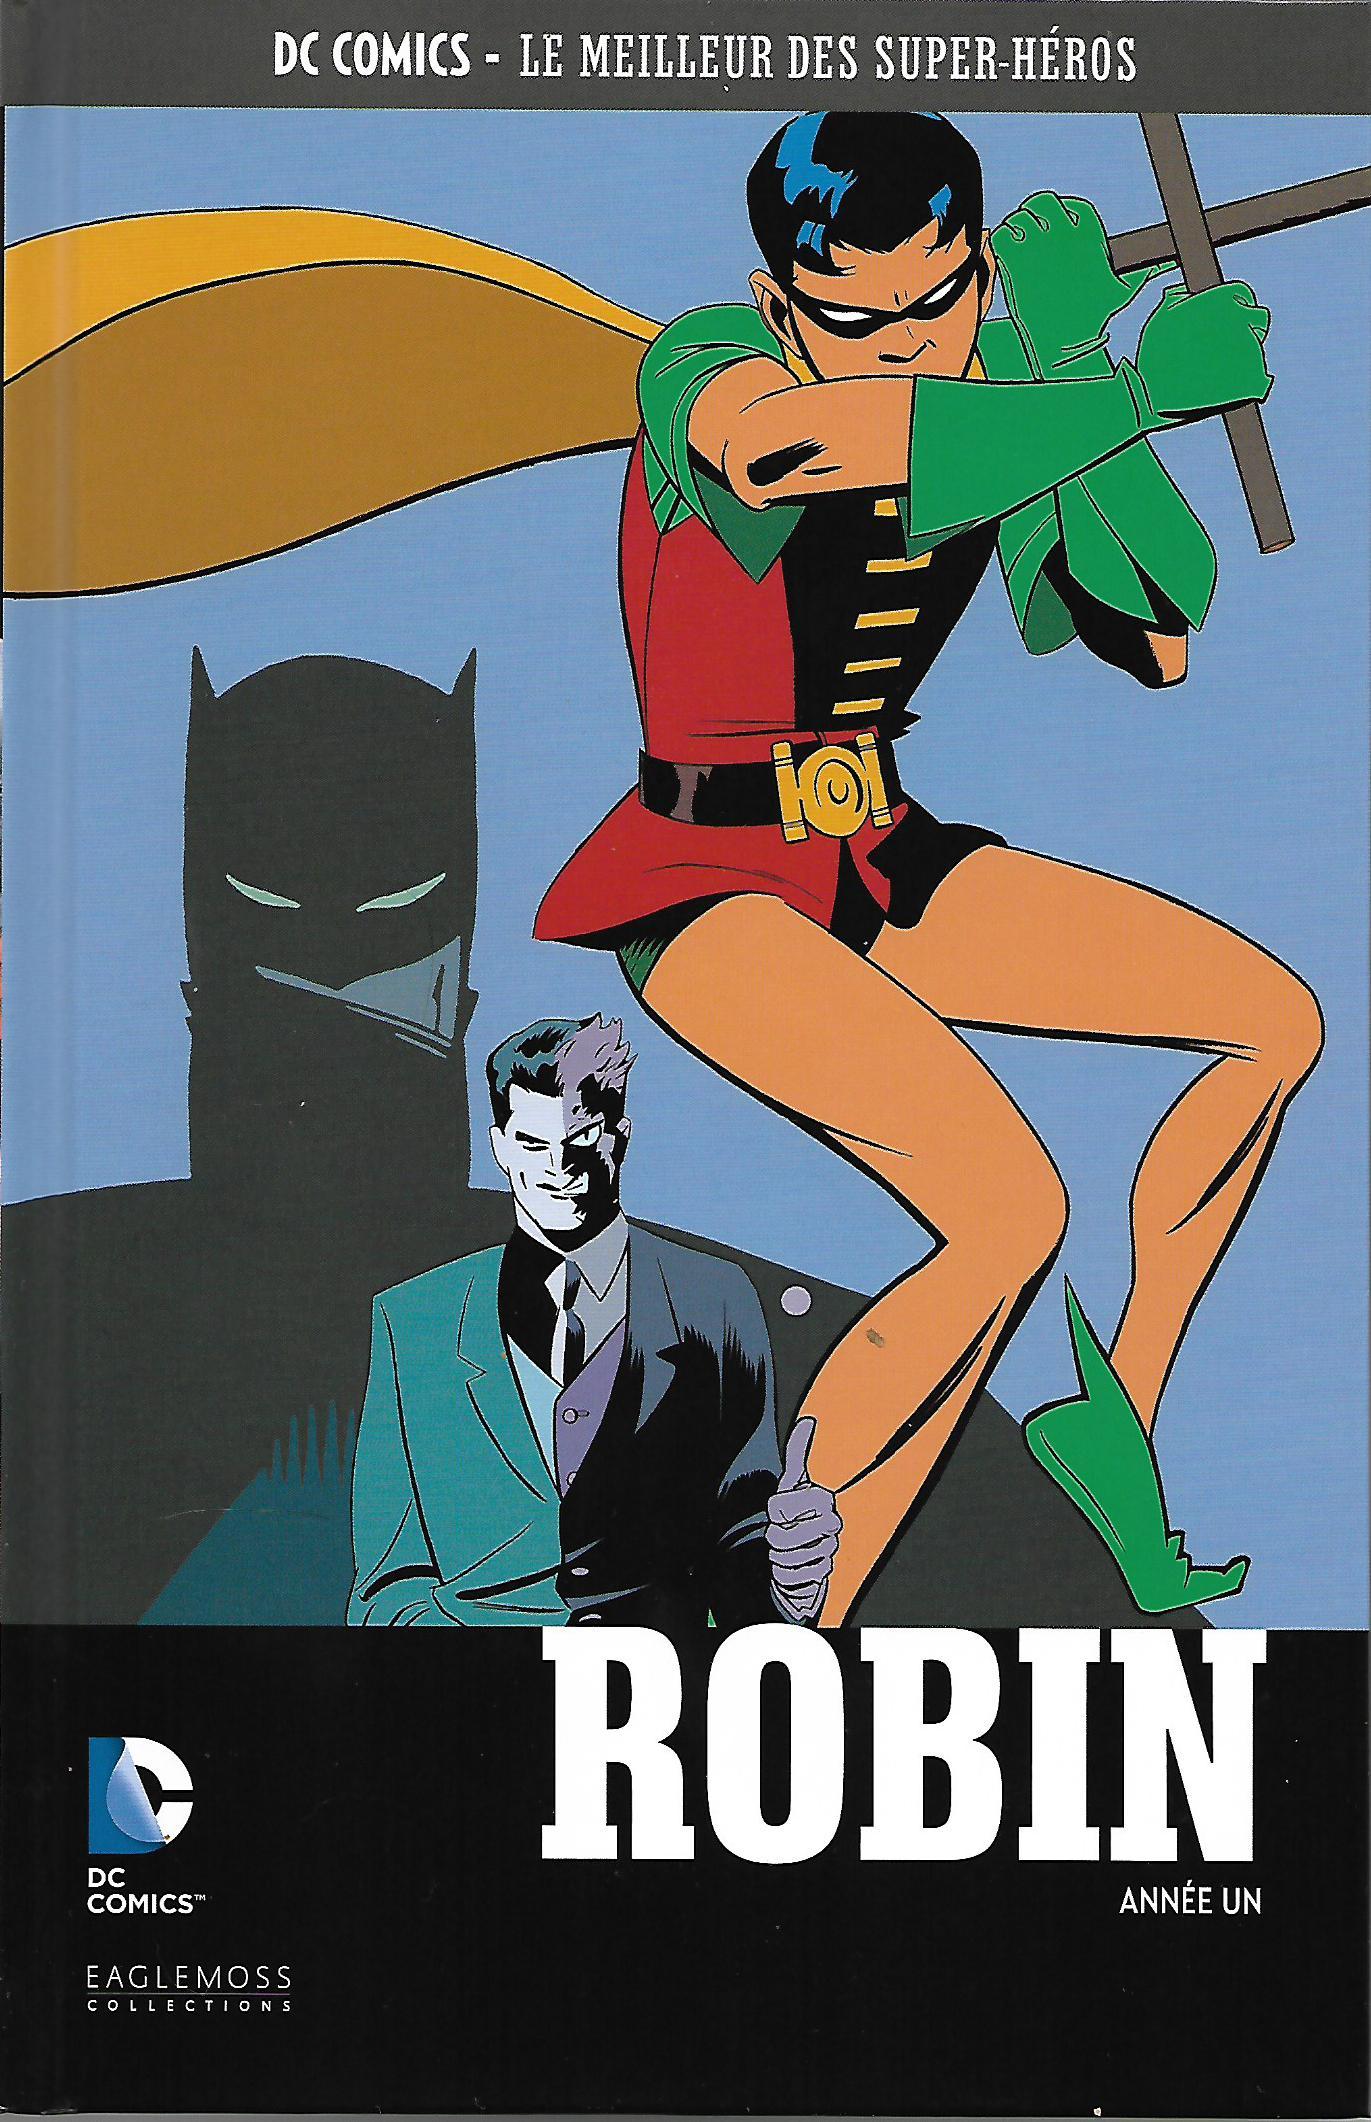 DC Comics - Le Meilleur des Super-Héros 20 - Robin Année 1